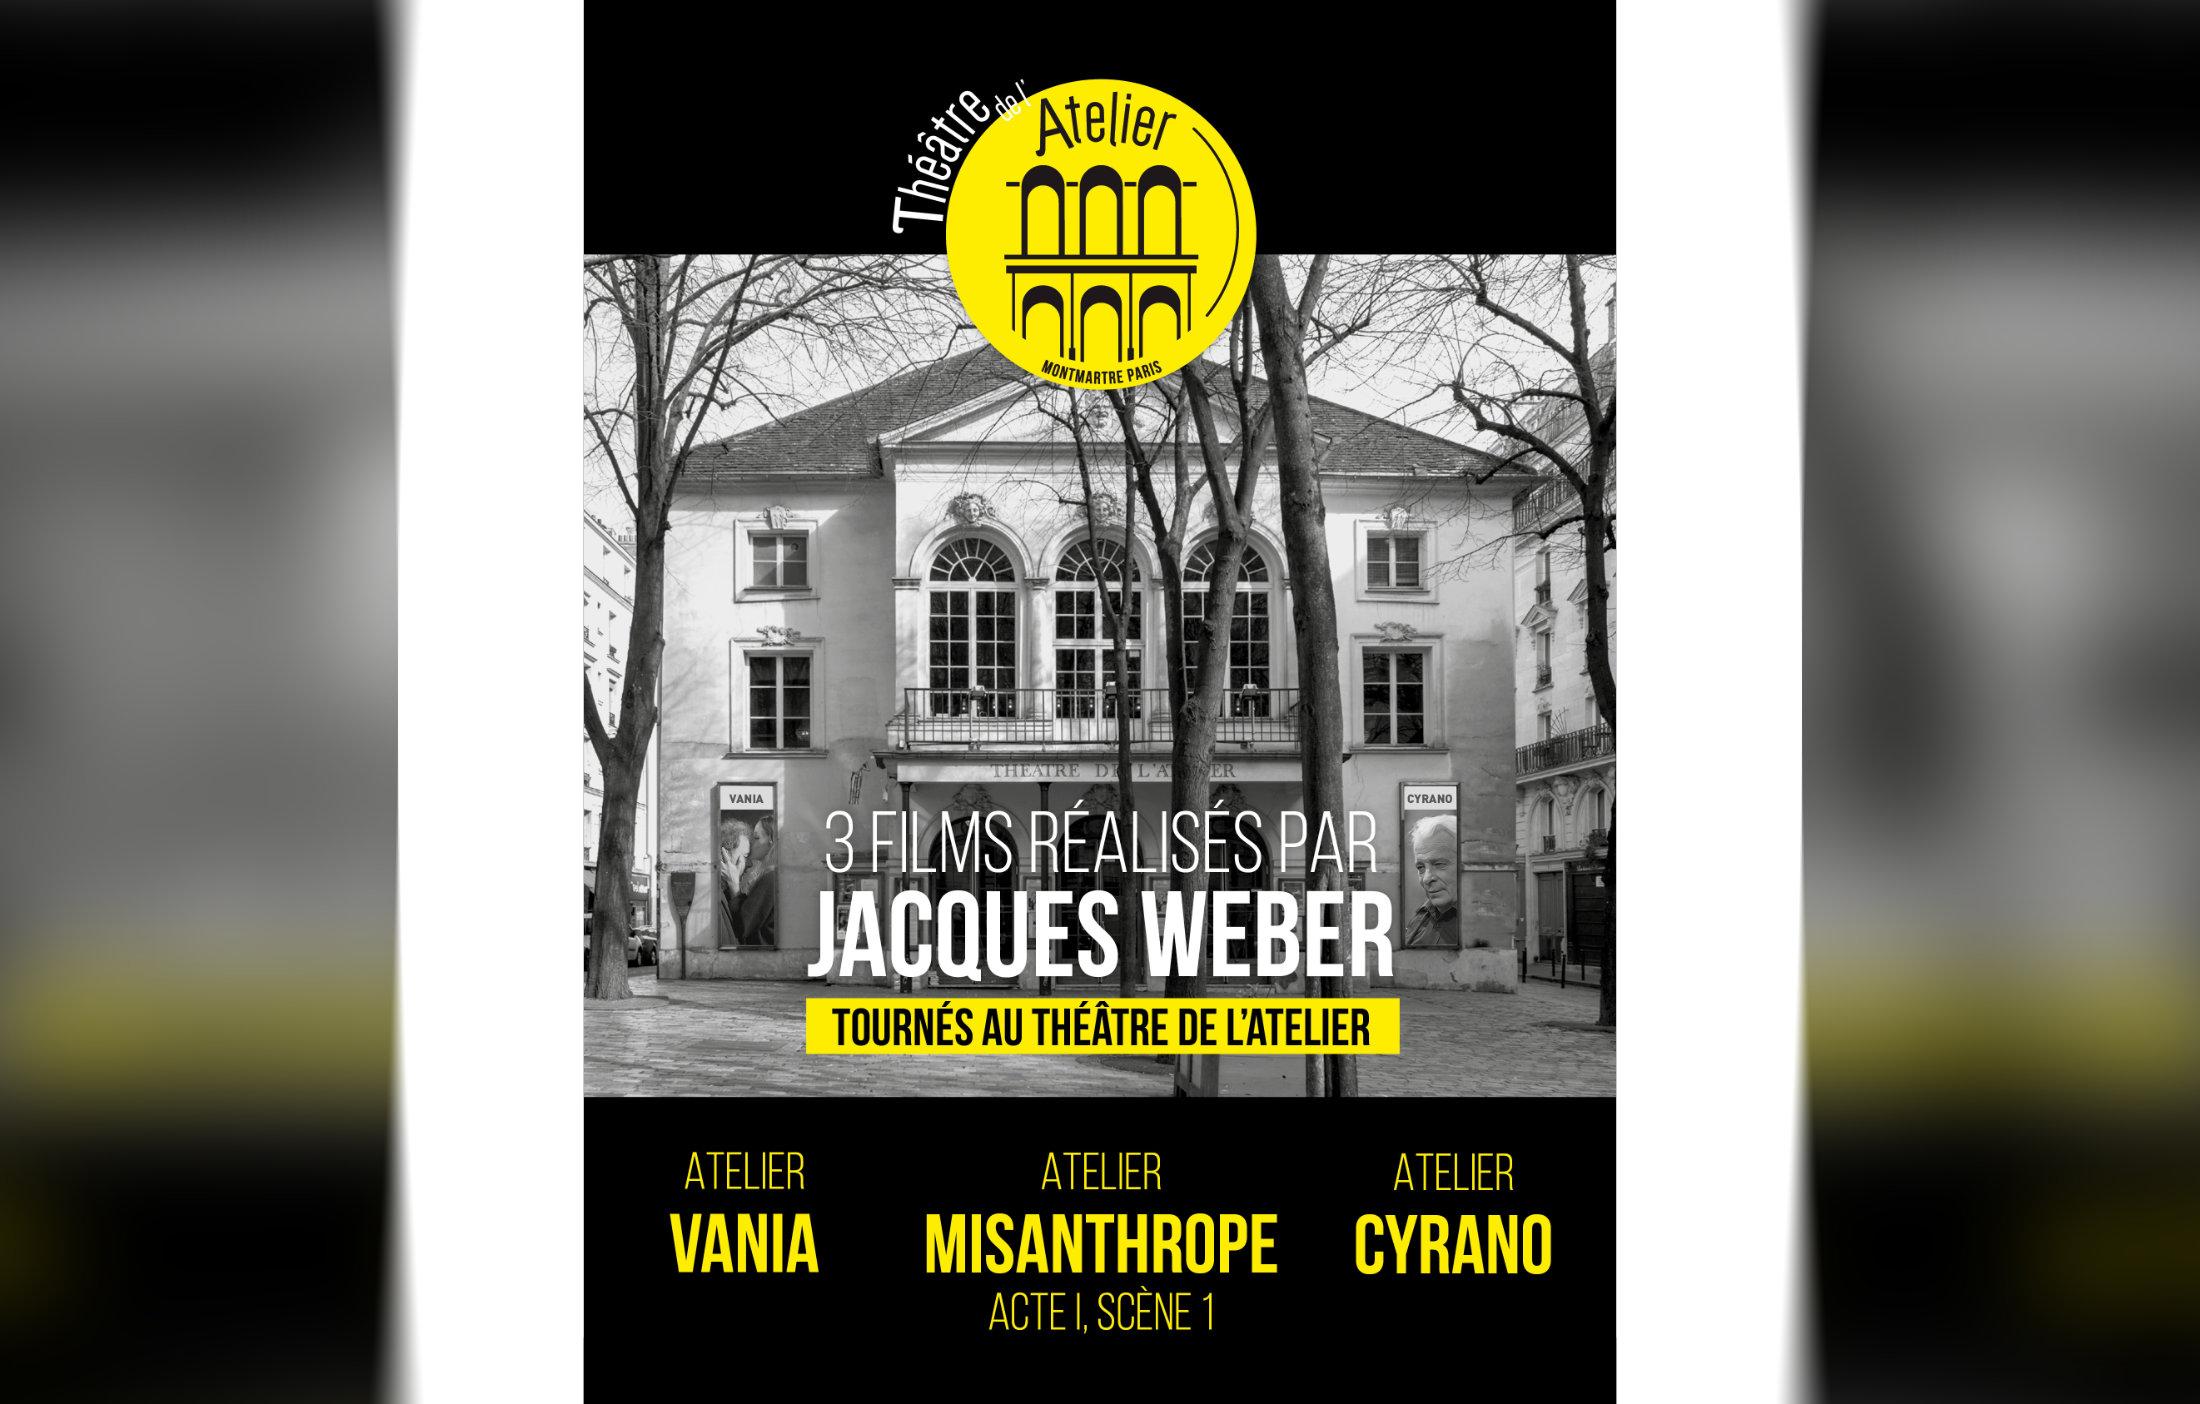 3-films-realises-par-jacques-weber-tournes-au-theatre-de-l-atelier@2x